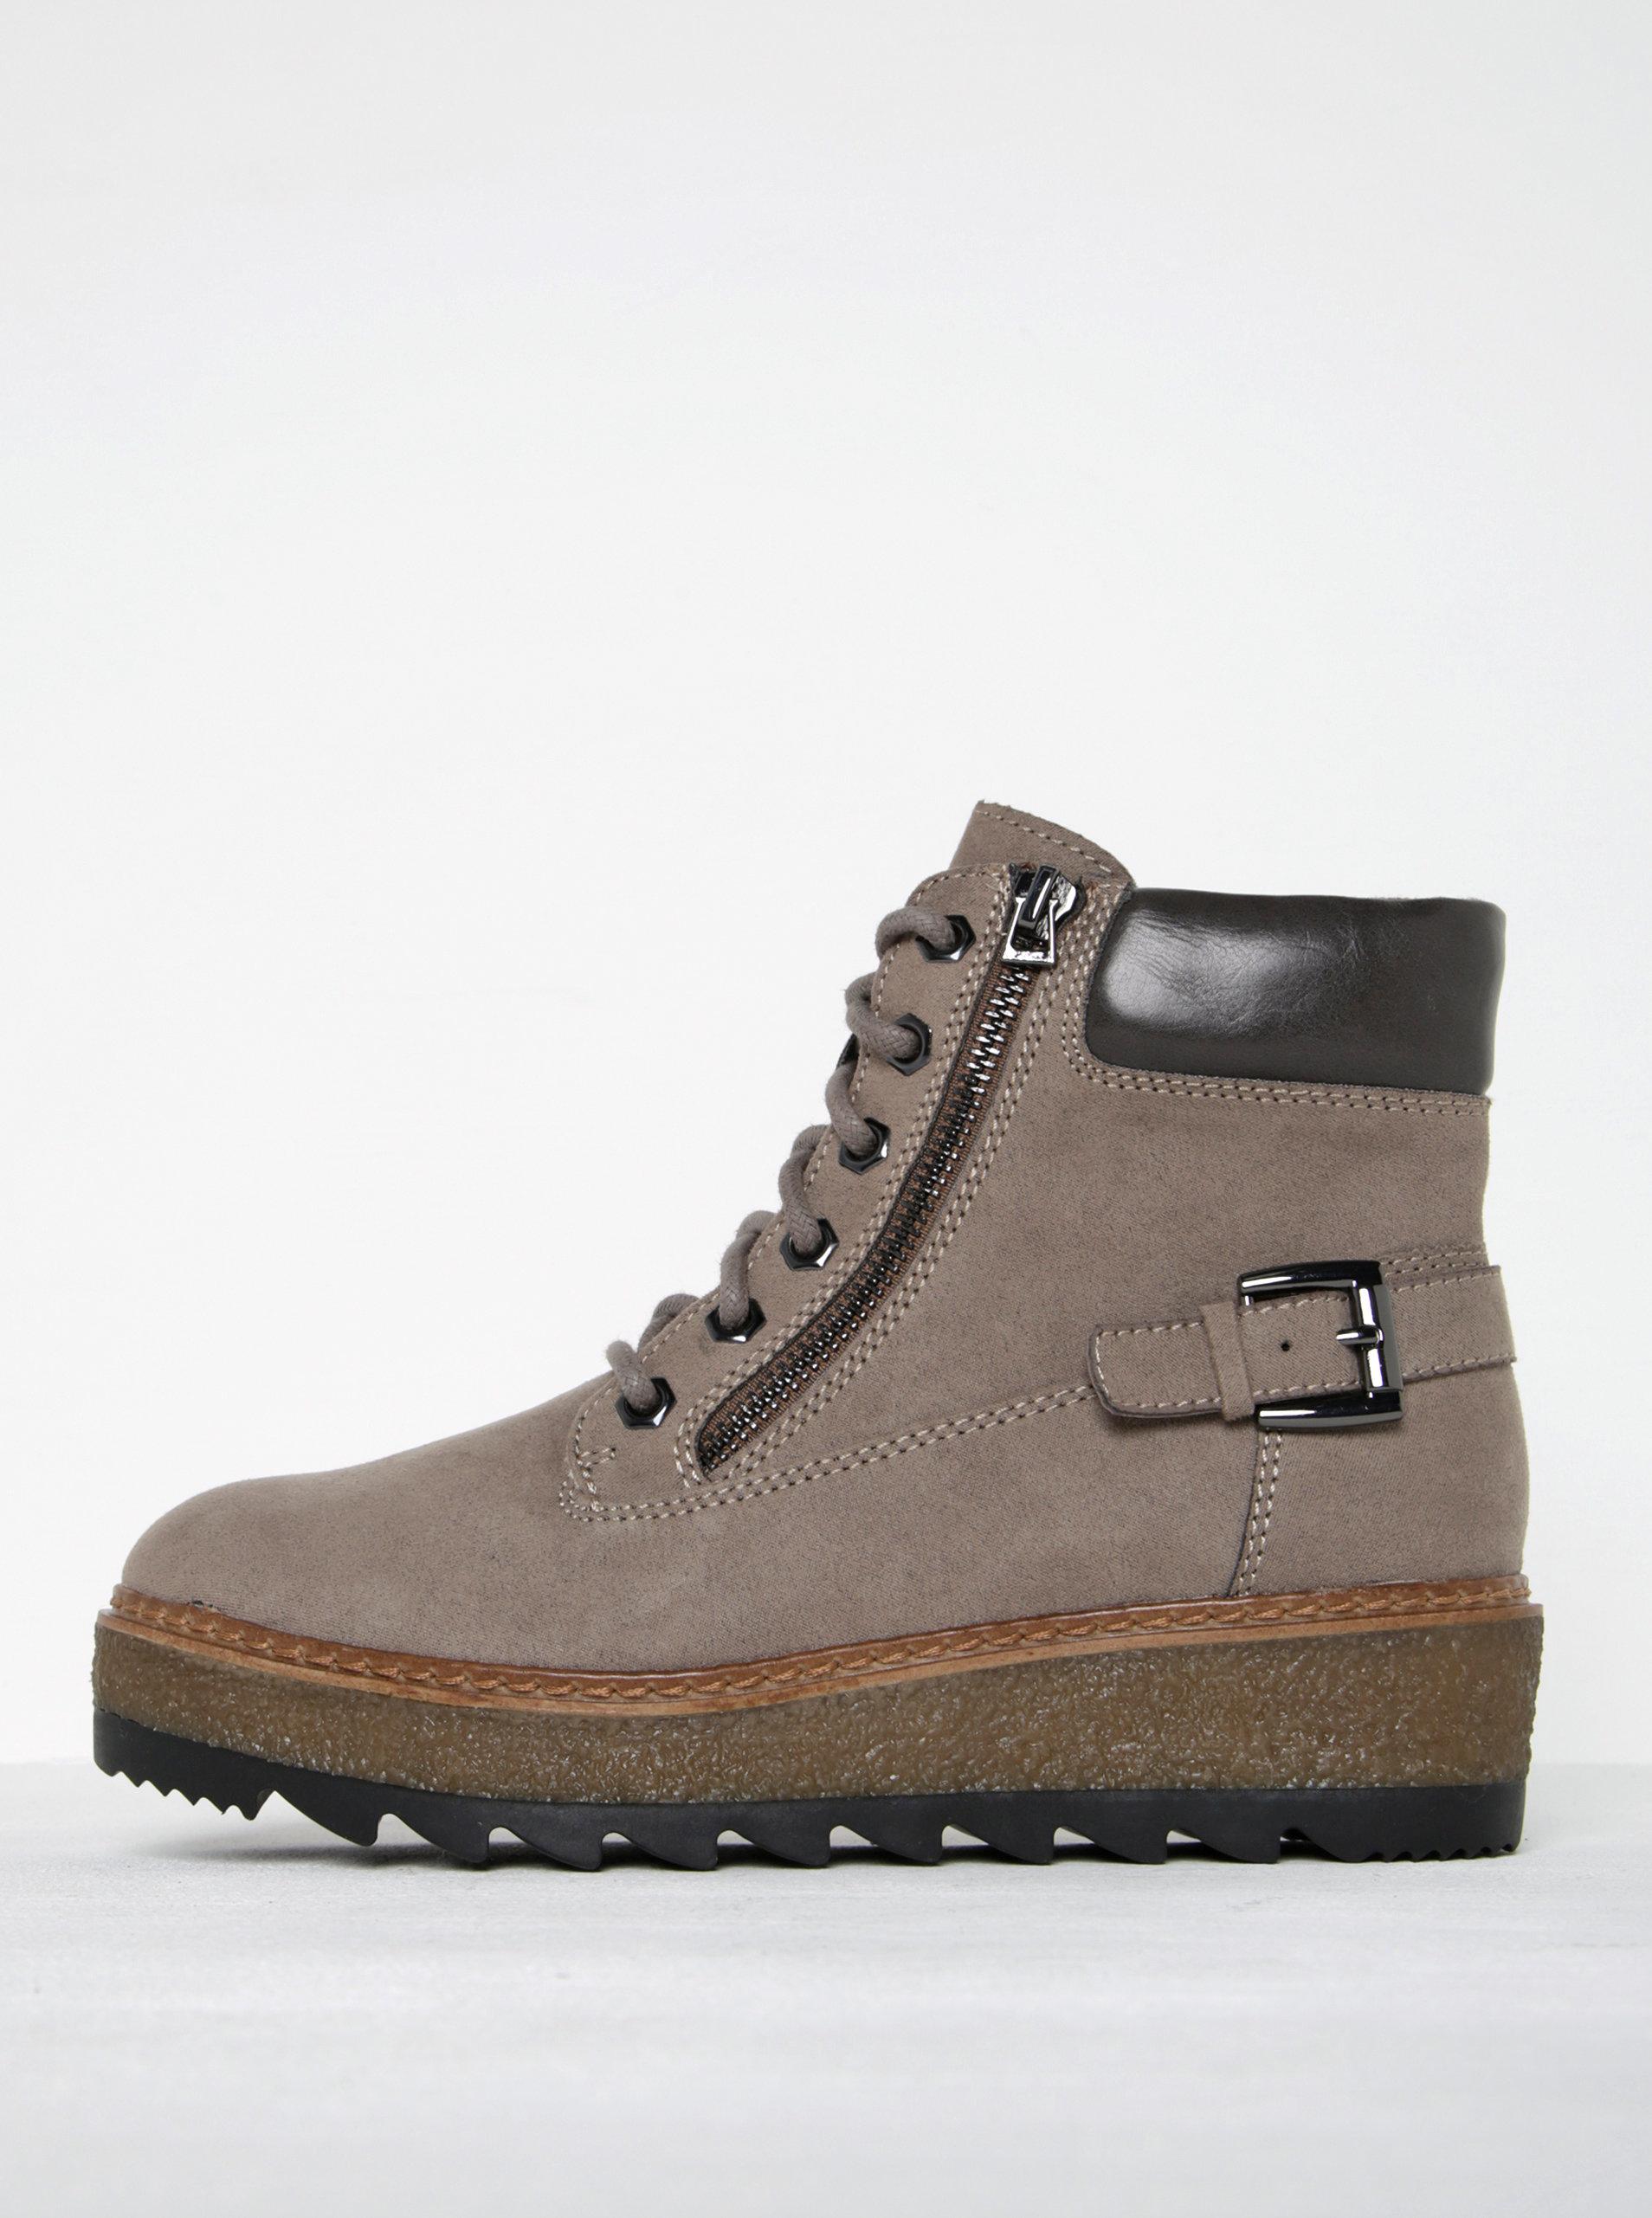 6ed39714b3bb Béžové členkové topánky v semišovej úprave na platforme Tamaris ...